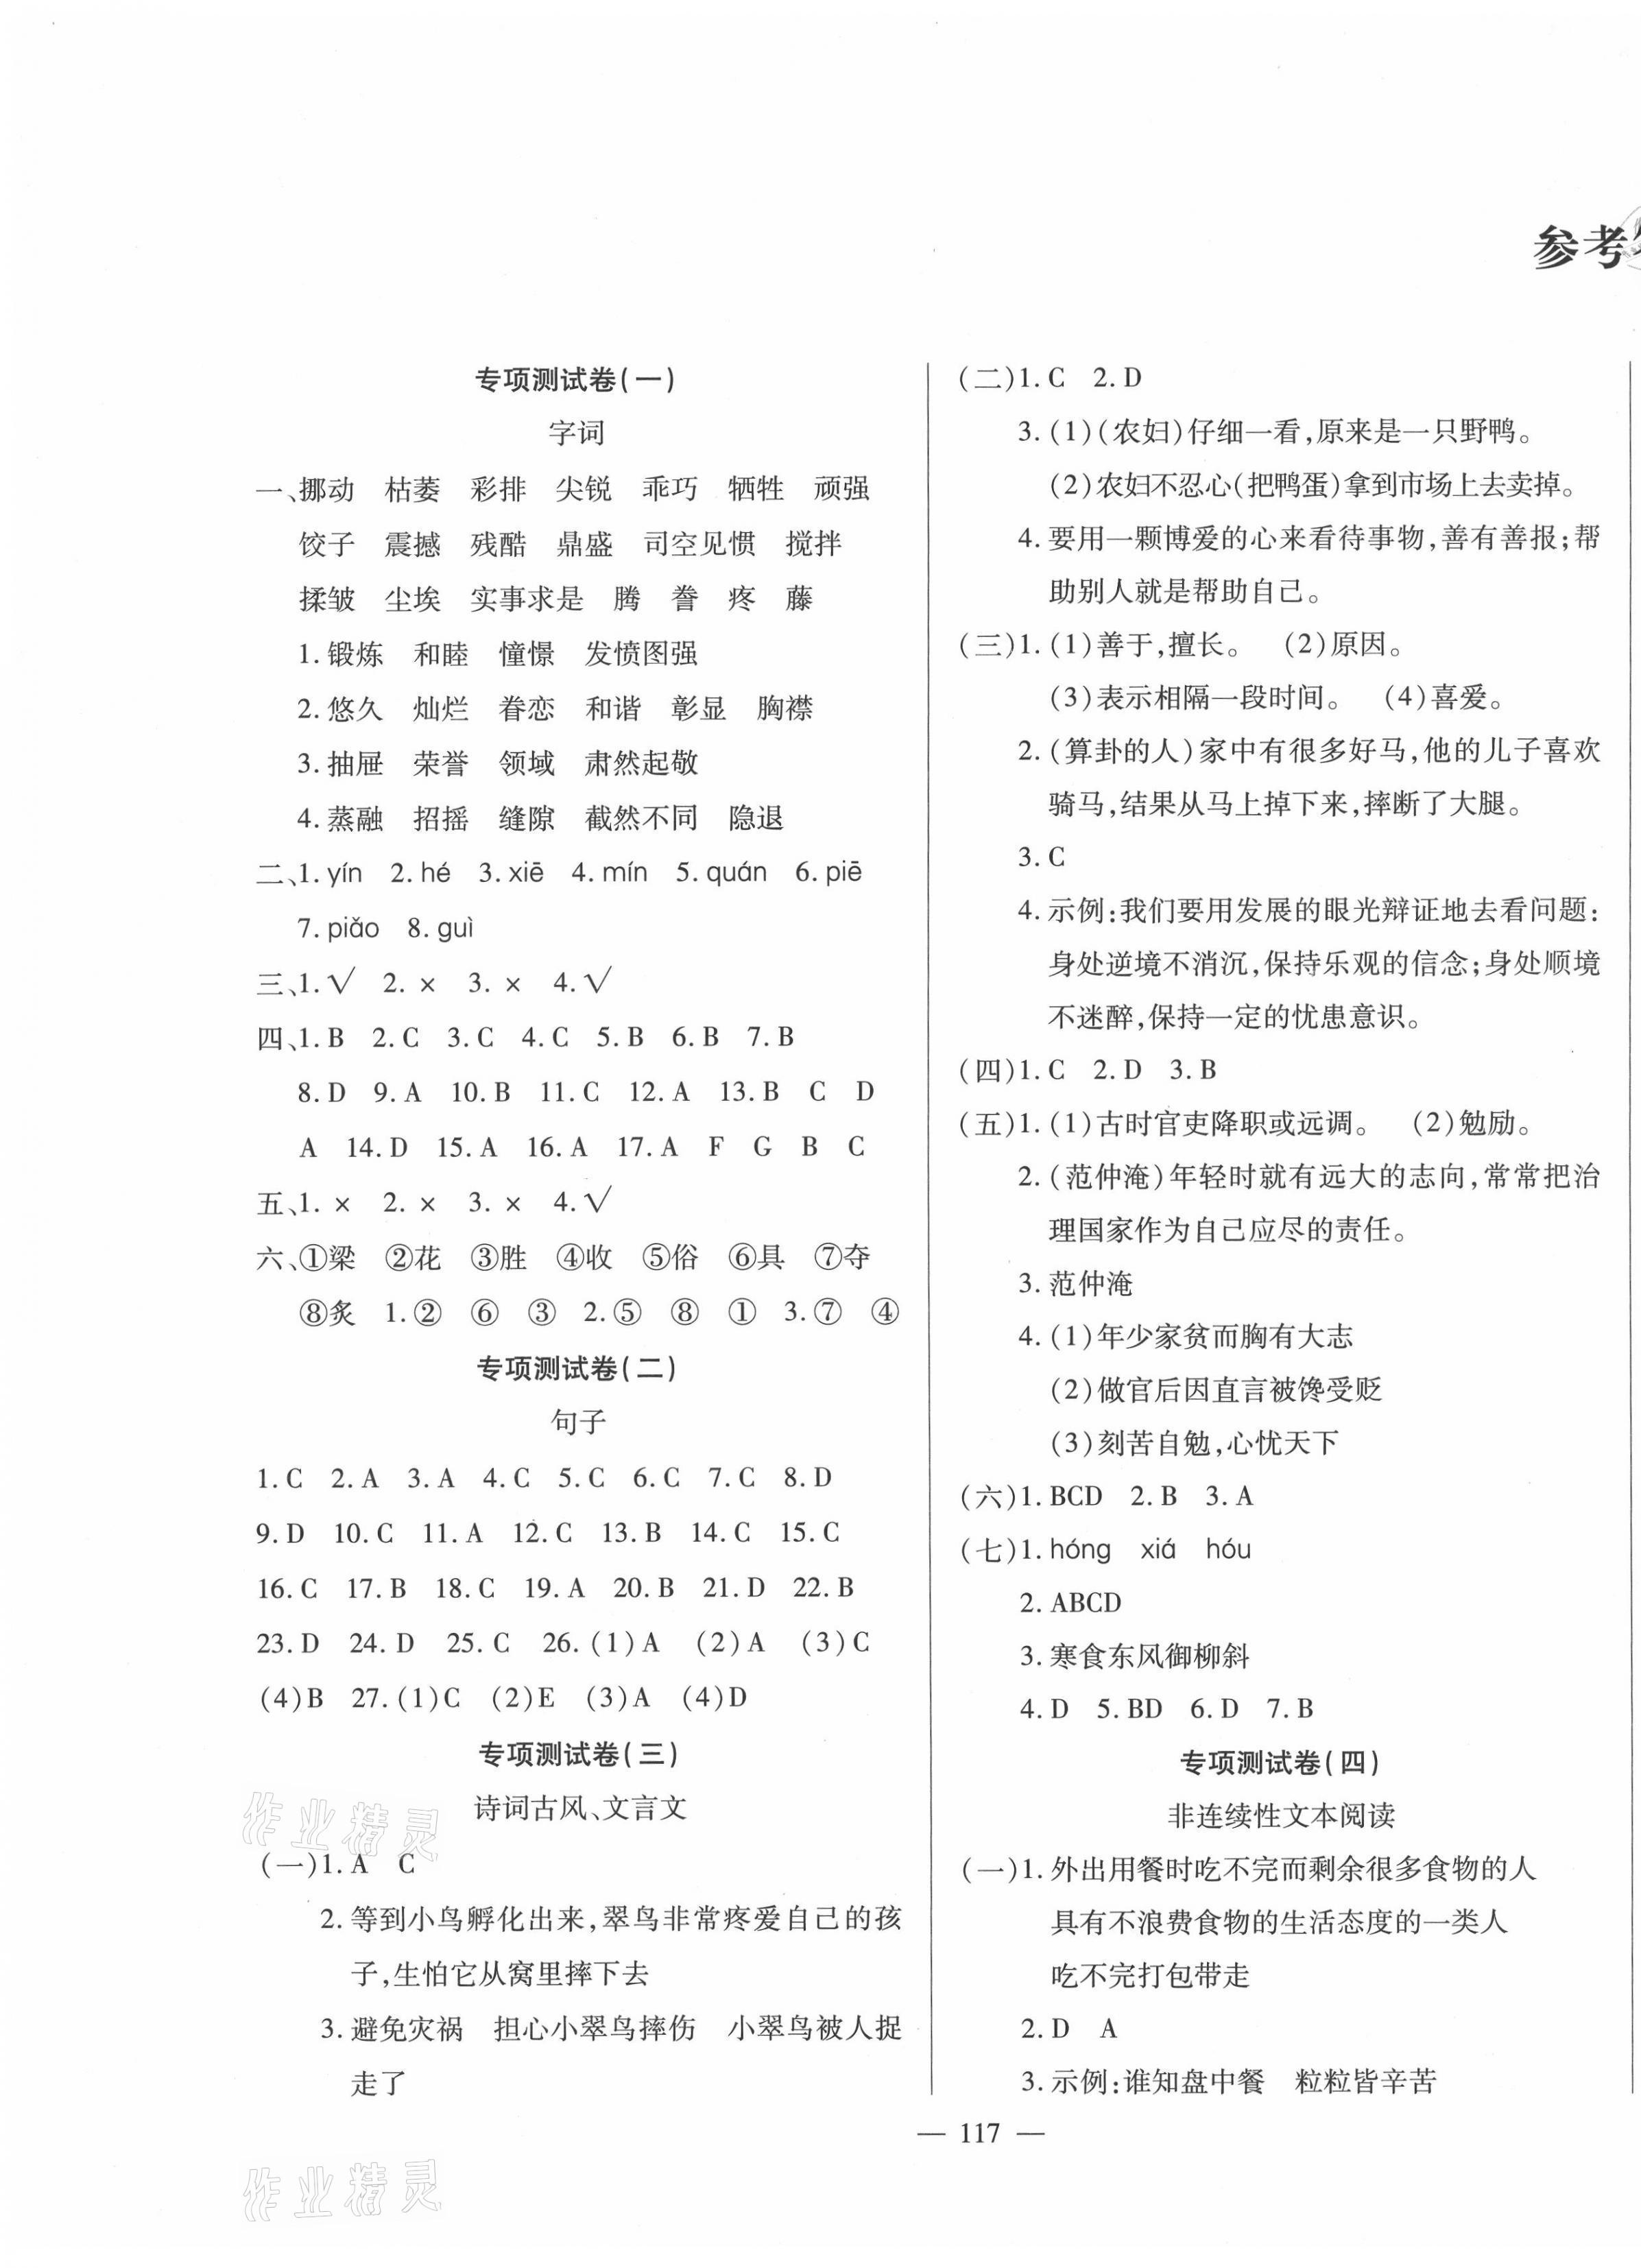 2021年考题大集结语文福建专版第1页